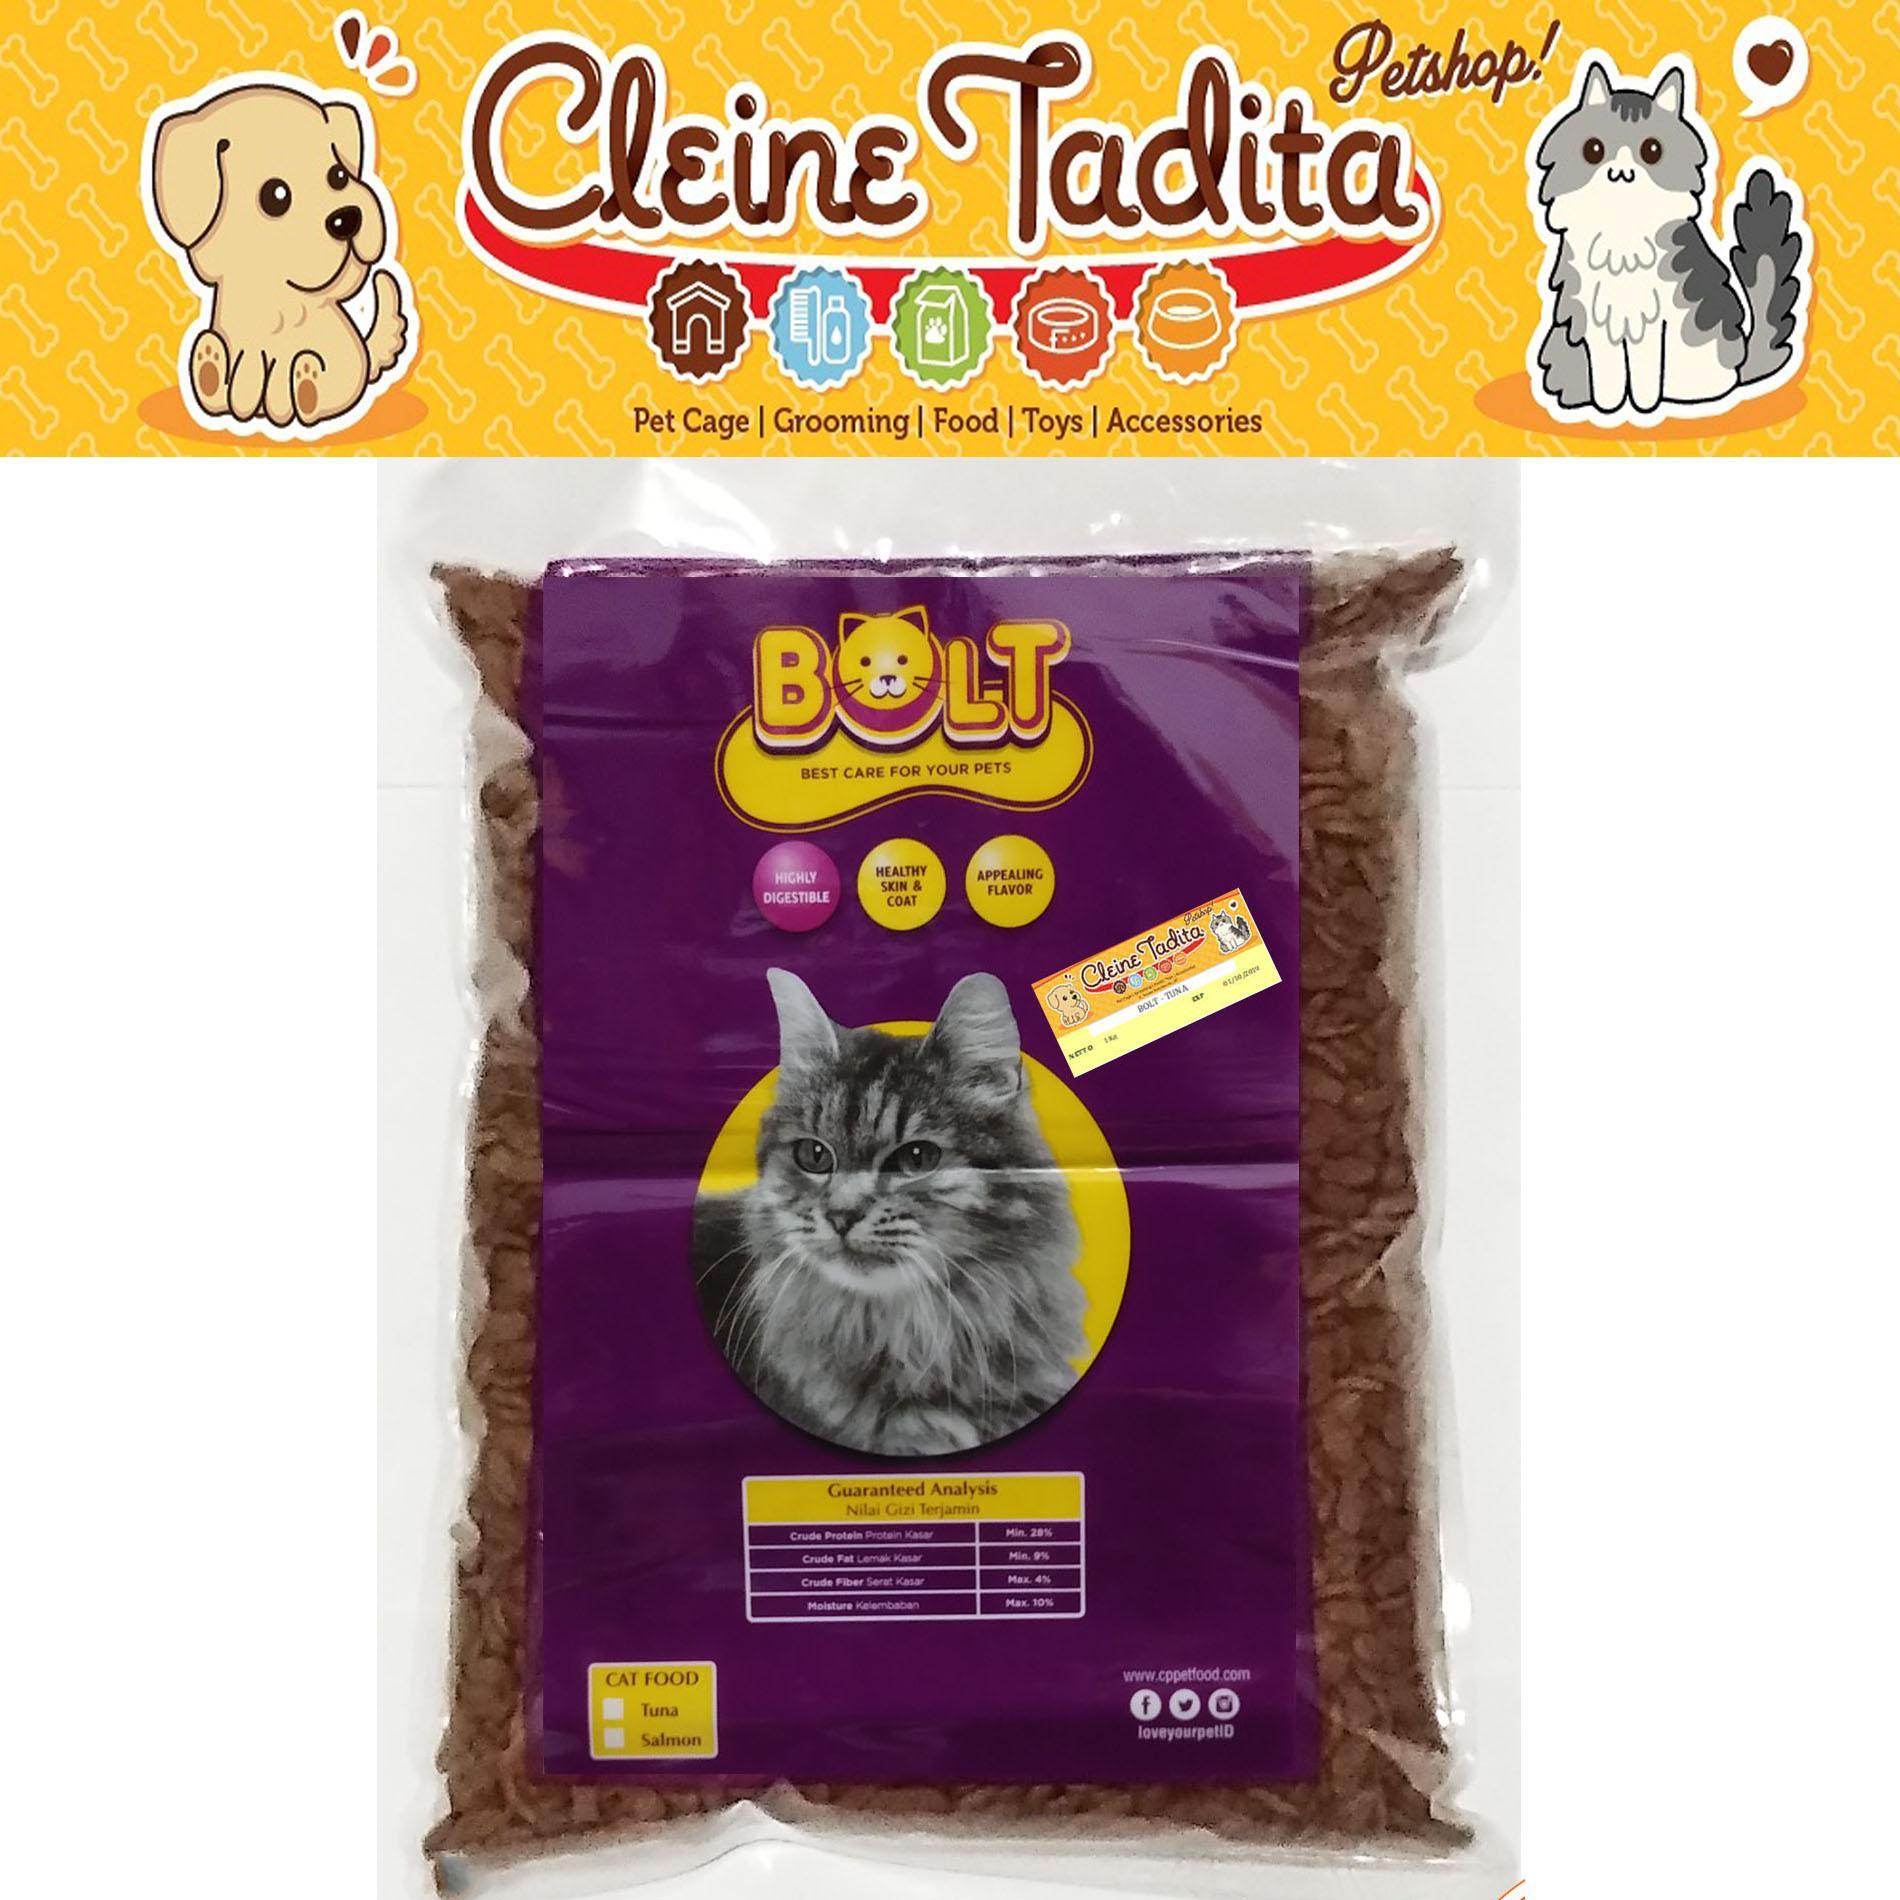 Cleine Tadita Petshop - Makanan Kucing Bolt Tuna 1kg Repack (donat) By Cleine Tadita Petshop.